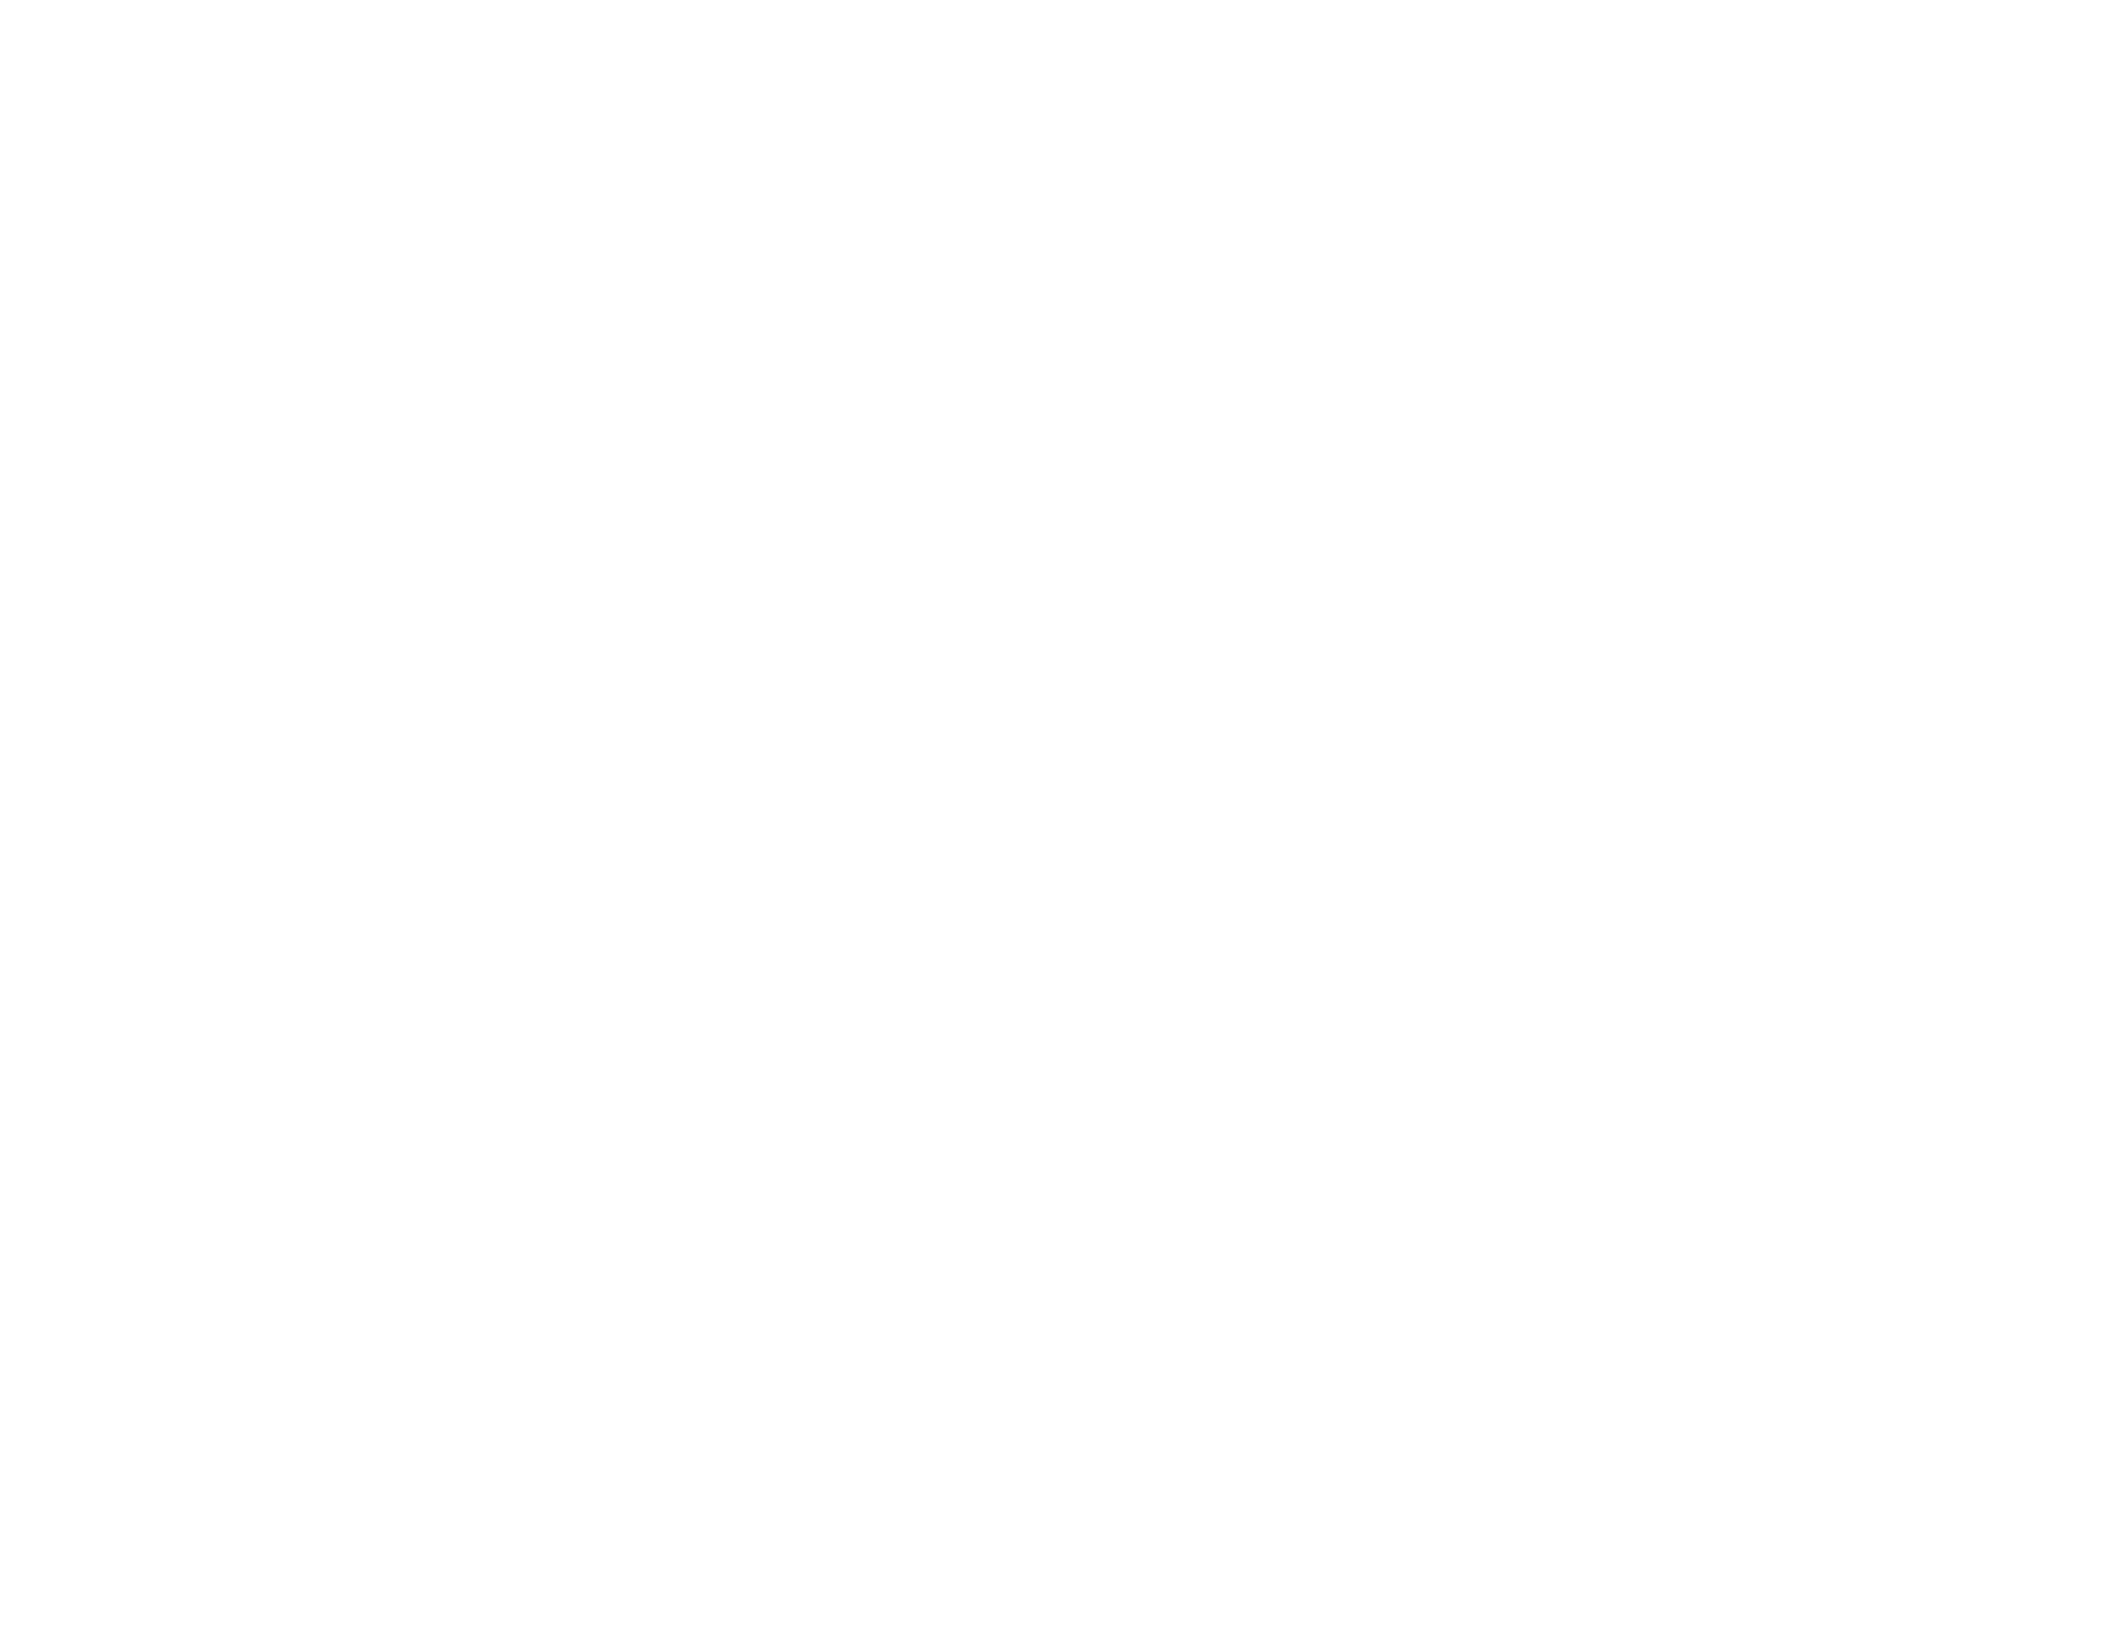 sl-logos-08.png